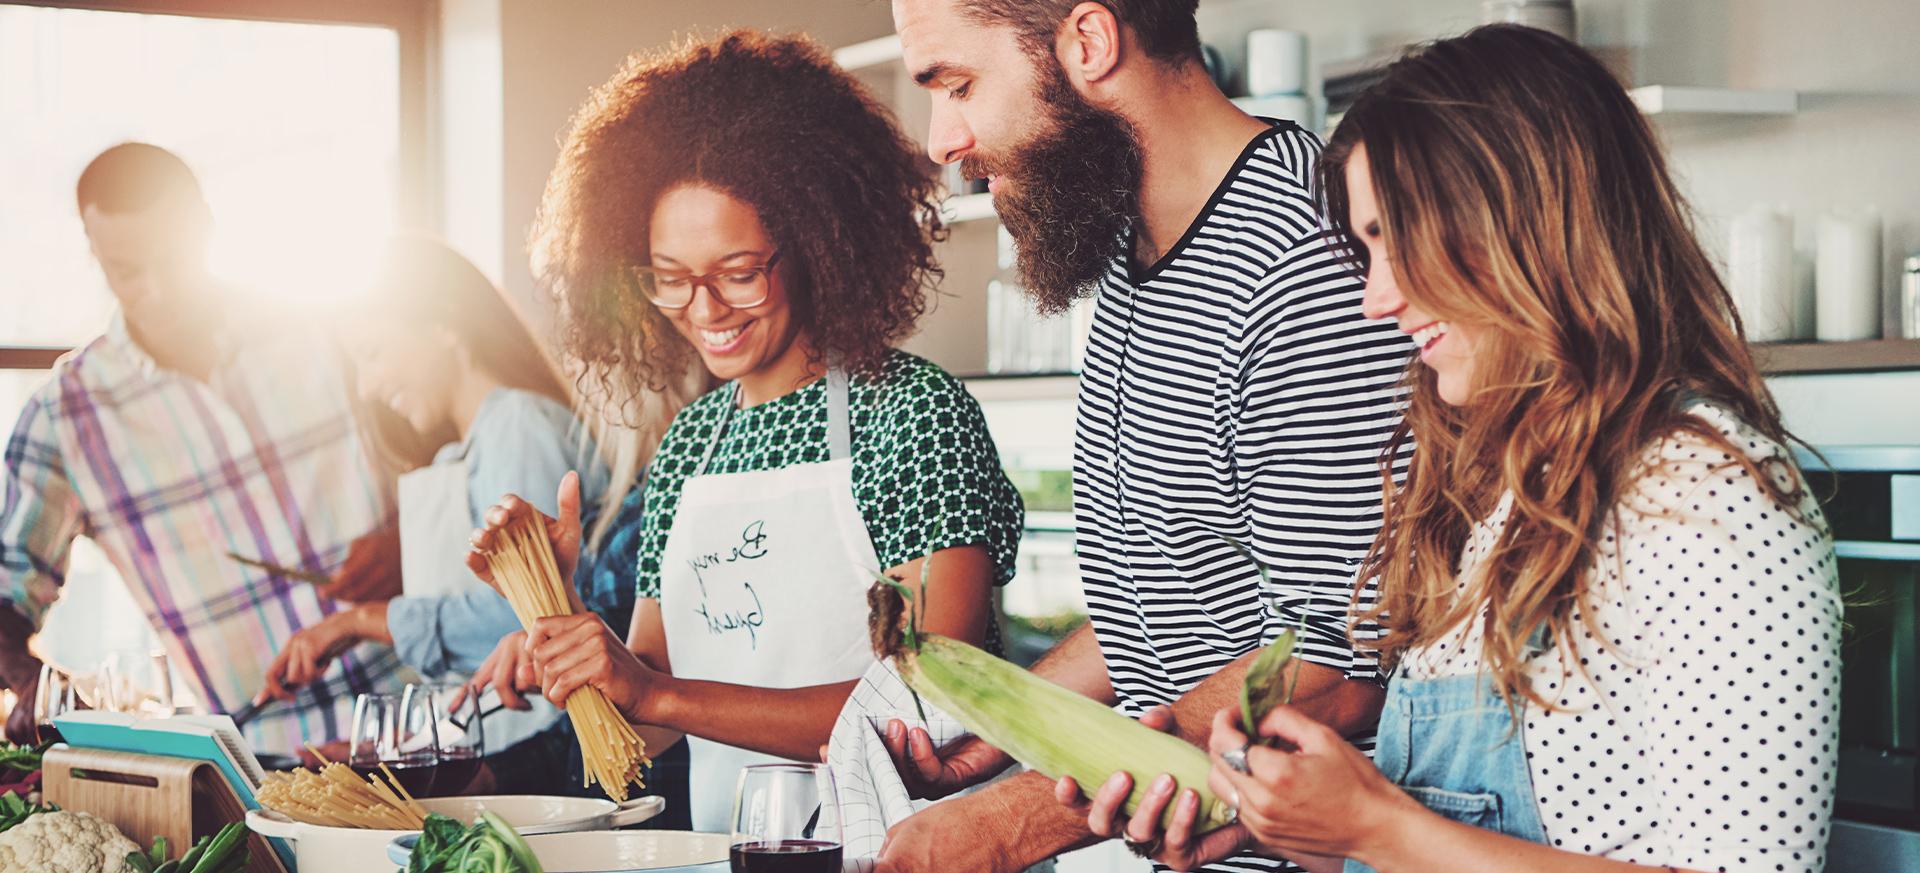 Eine Ernährungsberaterin kocht gemeinsam mit einer Gruppe Menschen.